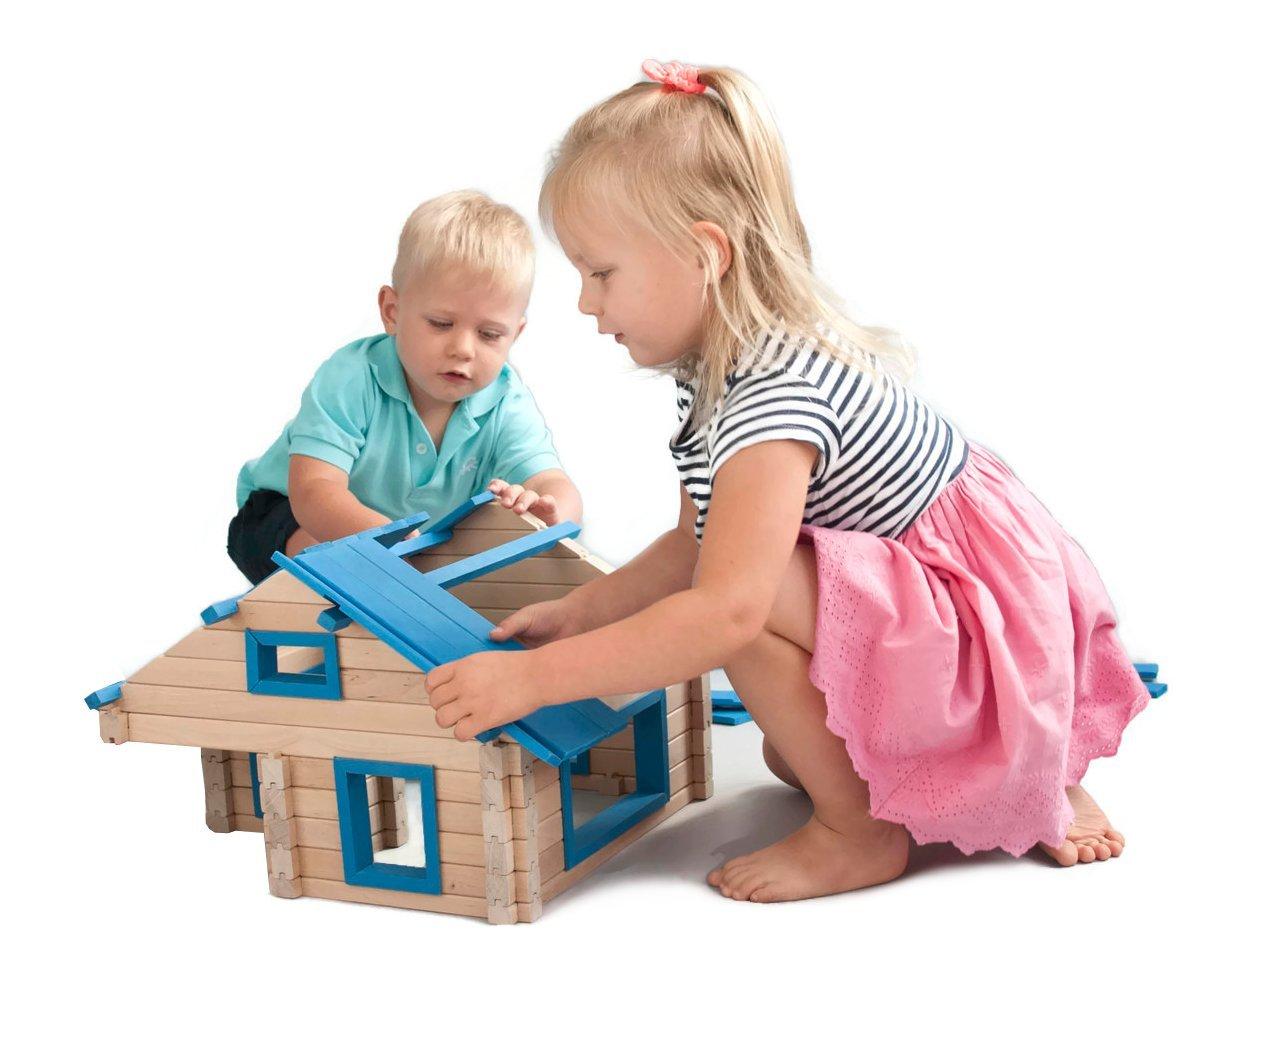 AMBLO Holzklötze für Kinder holzbausteine natur Bausteine für Kinder aus Holz 002